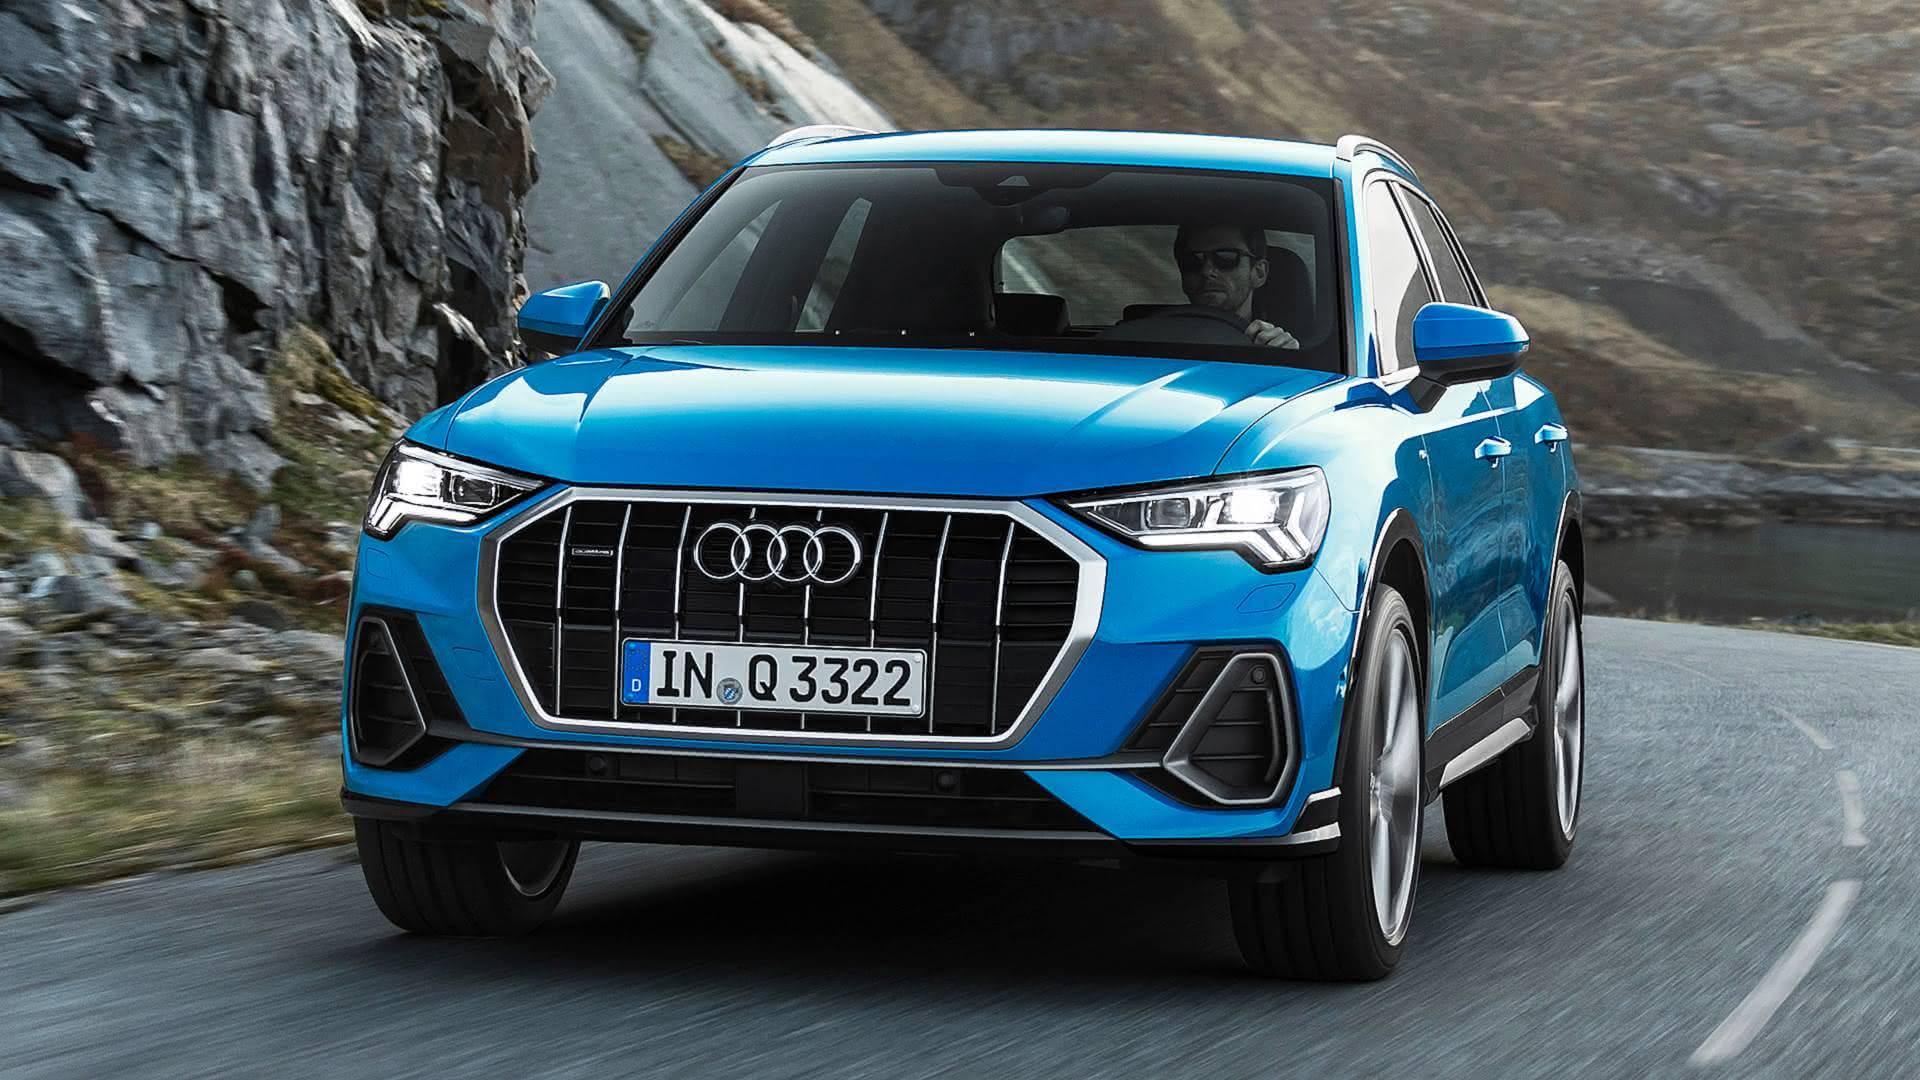 Novo Audi Q3 2019 Preco Novas Fotos Ficha Tecnica E Novidades